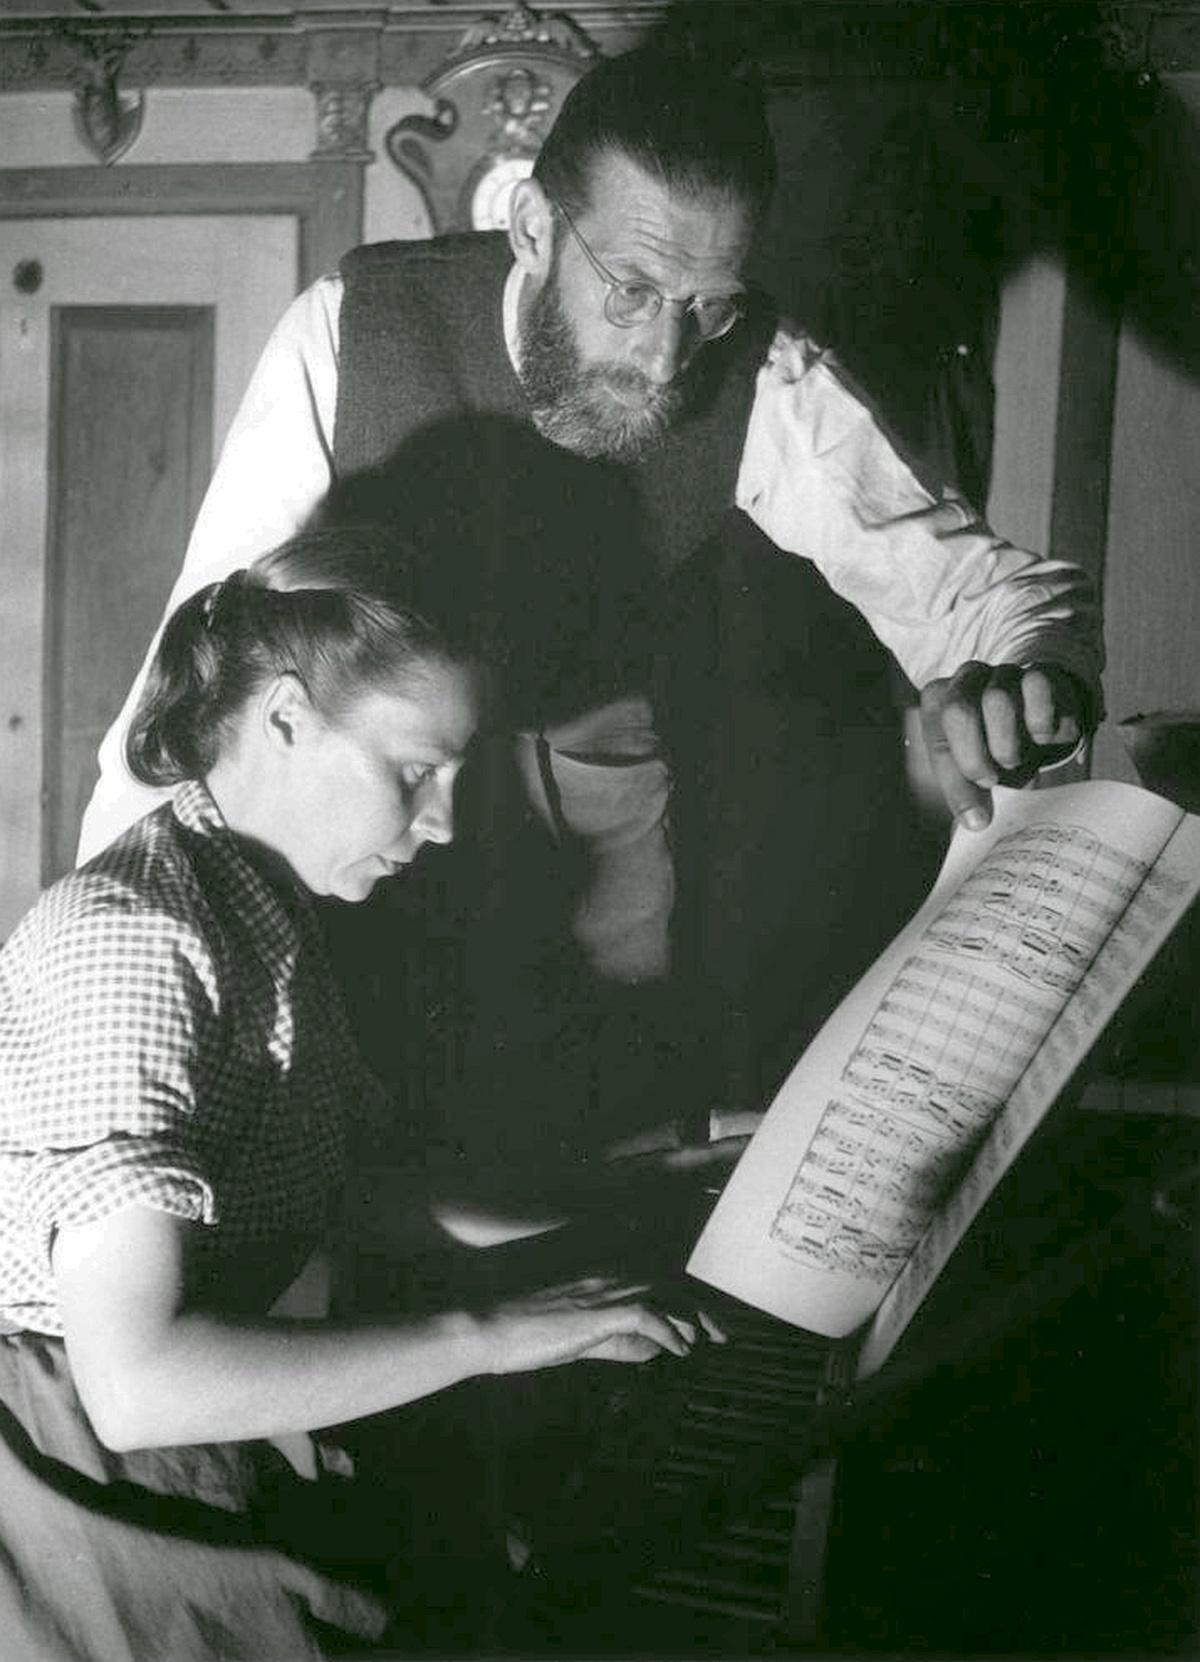 Isolde Ahlgrimm et son époux Erich Fiala en 1954